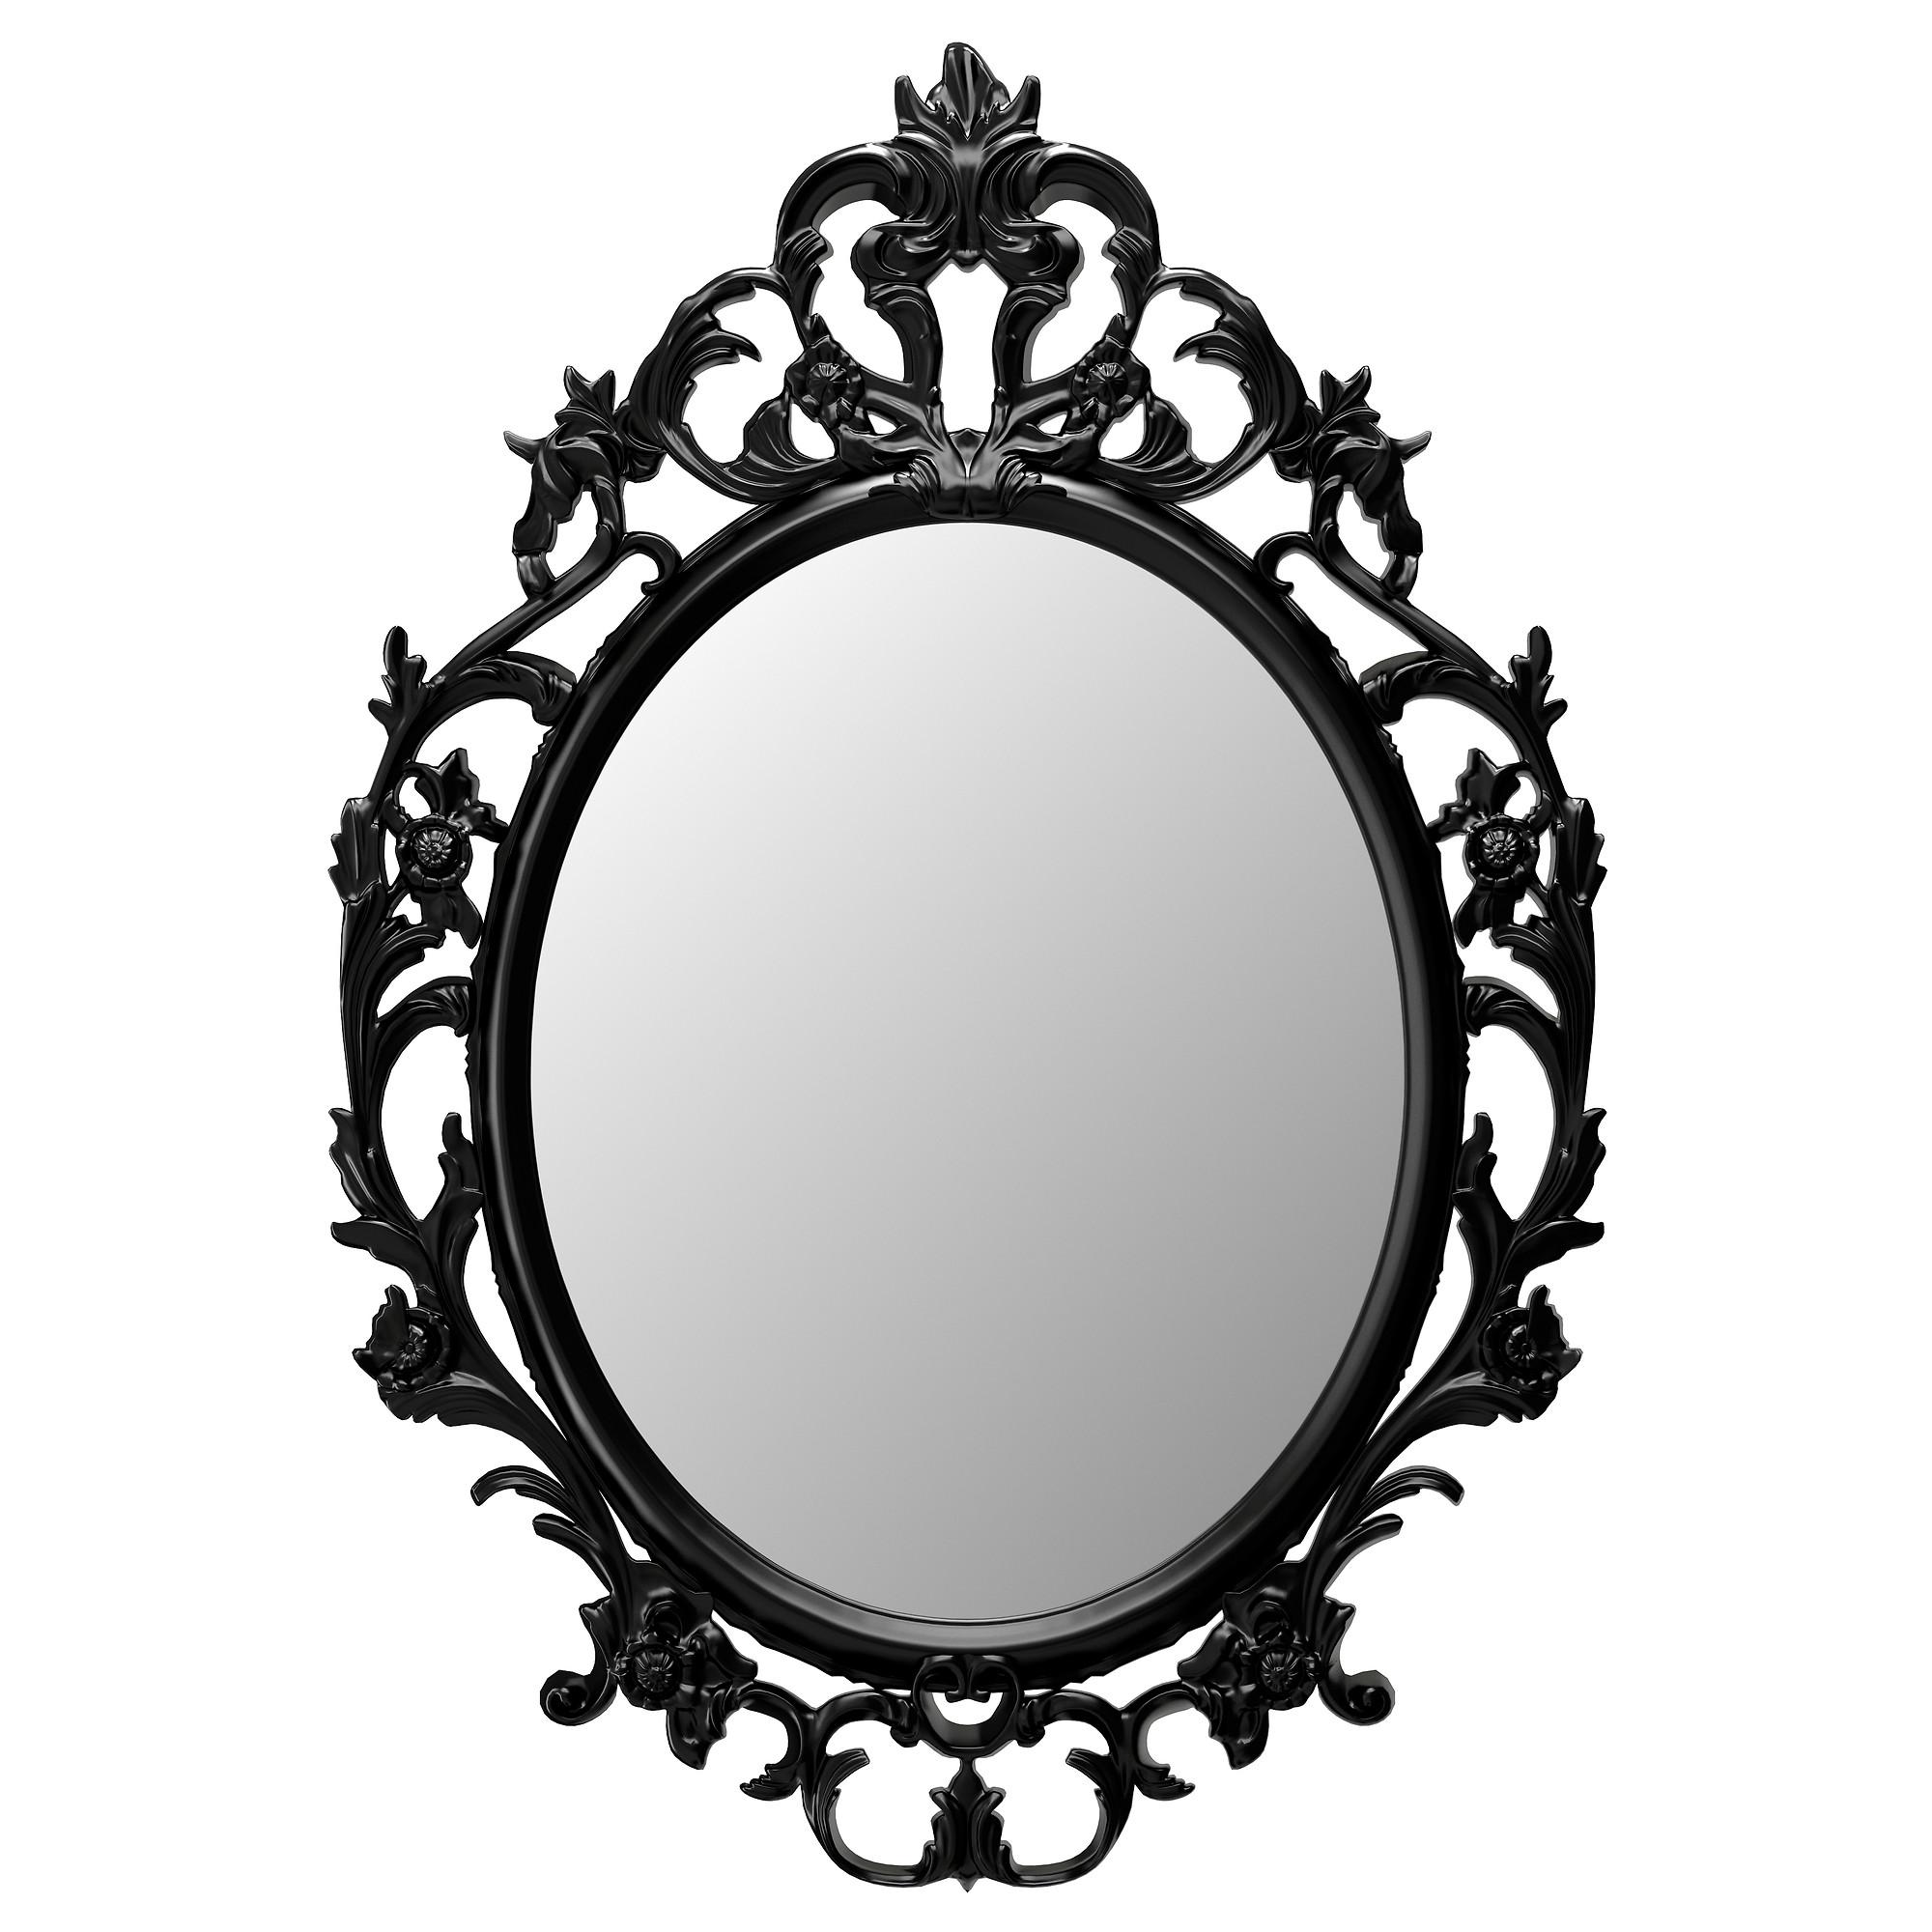 With black design x. Mirror clipart ornamental